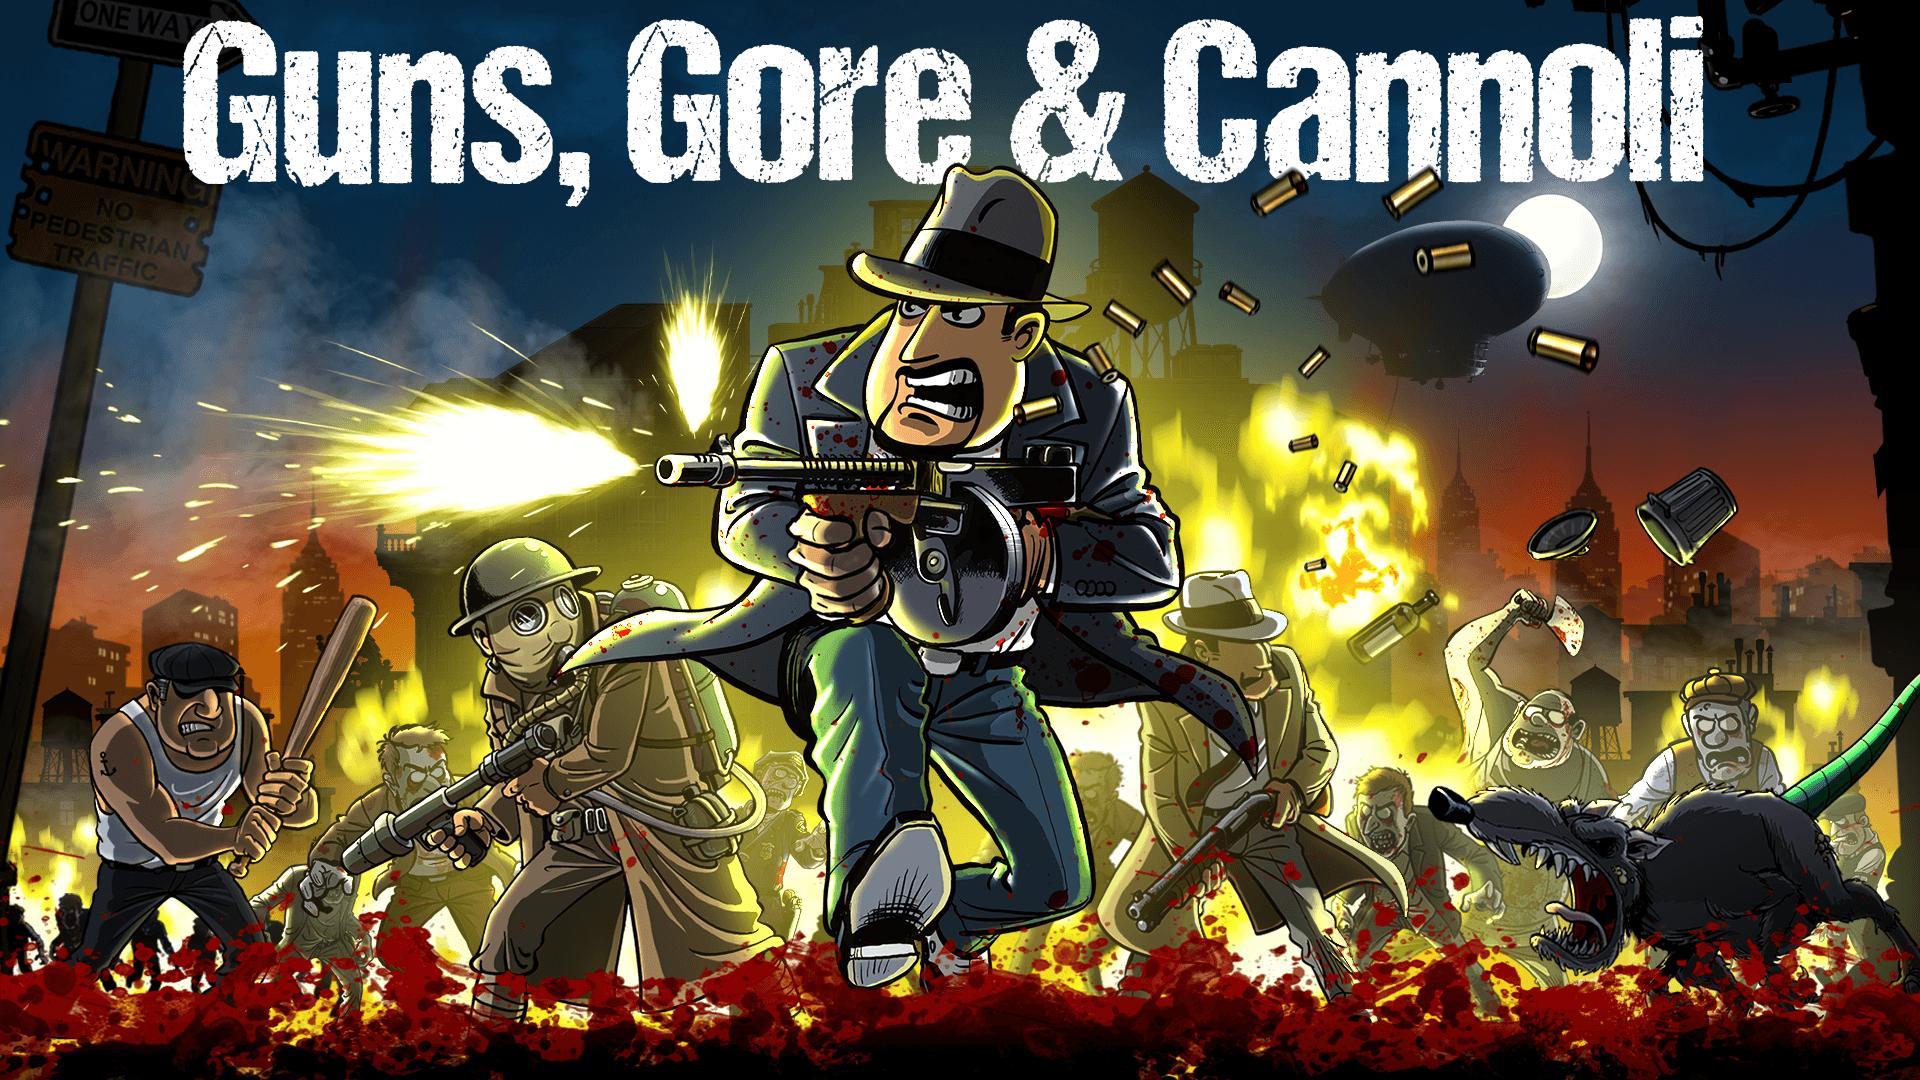 Guns, Gore & Cannoli HD wallpapers, Desktop wallpaper - most viewed